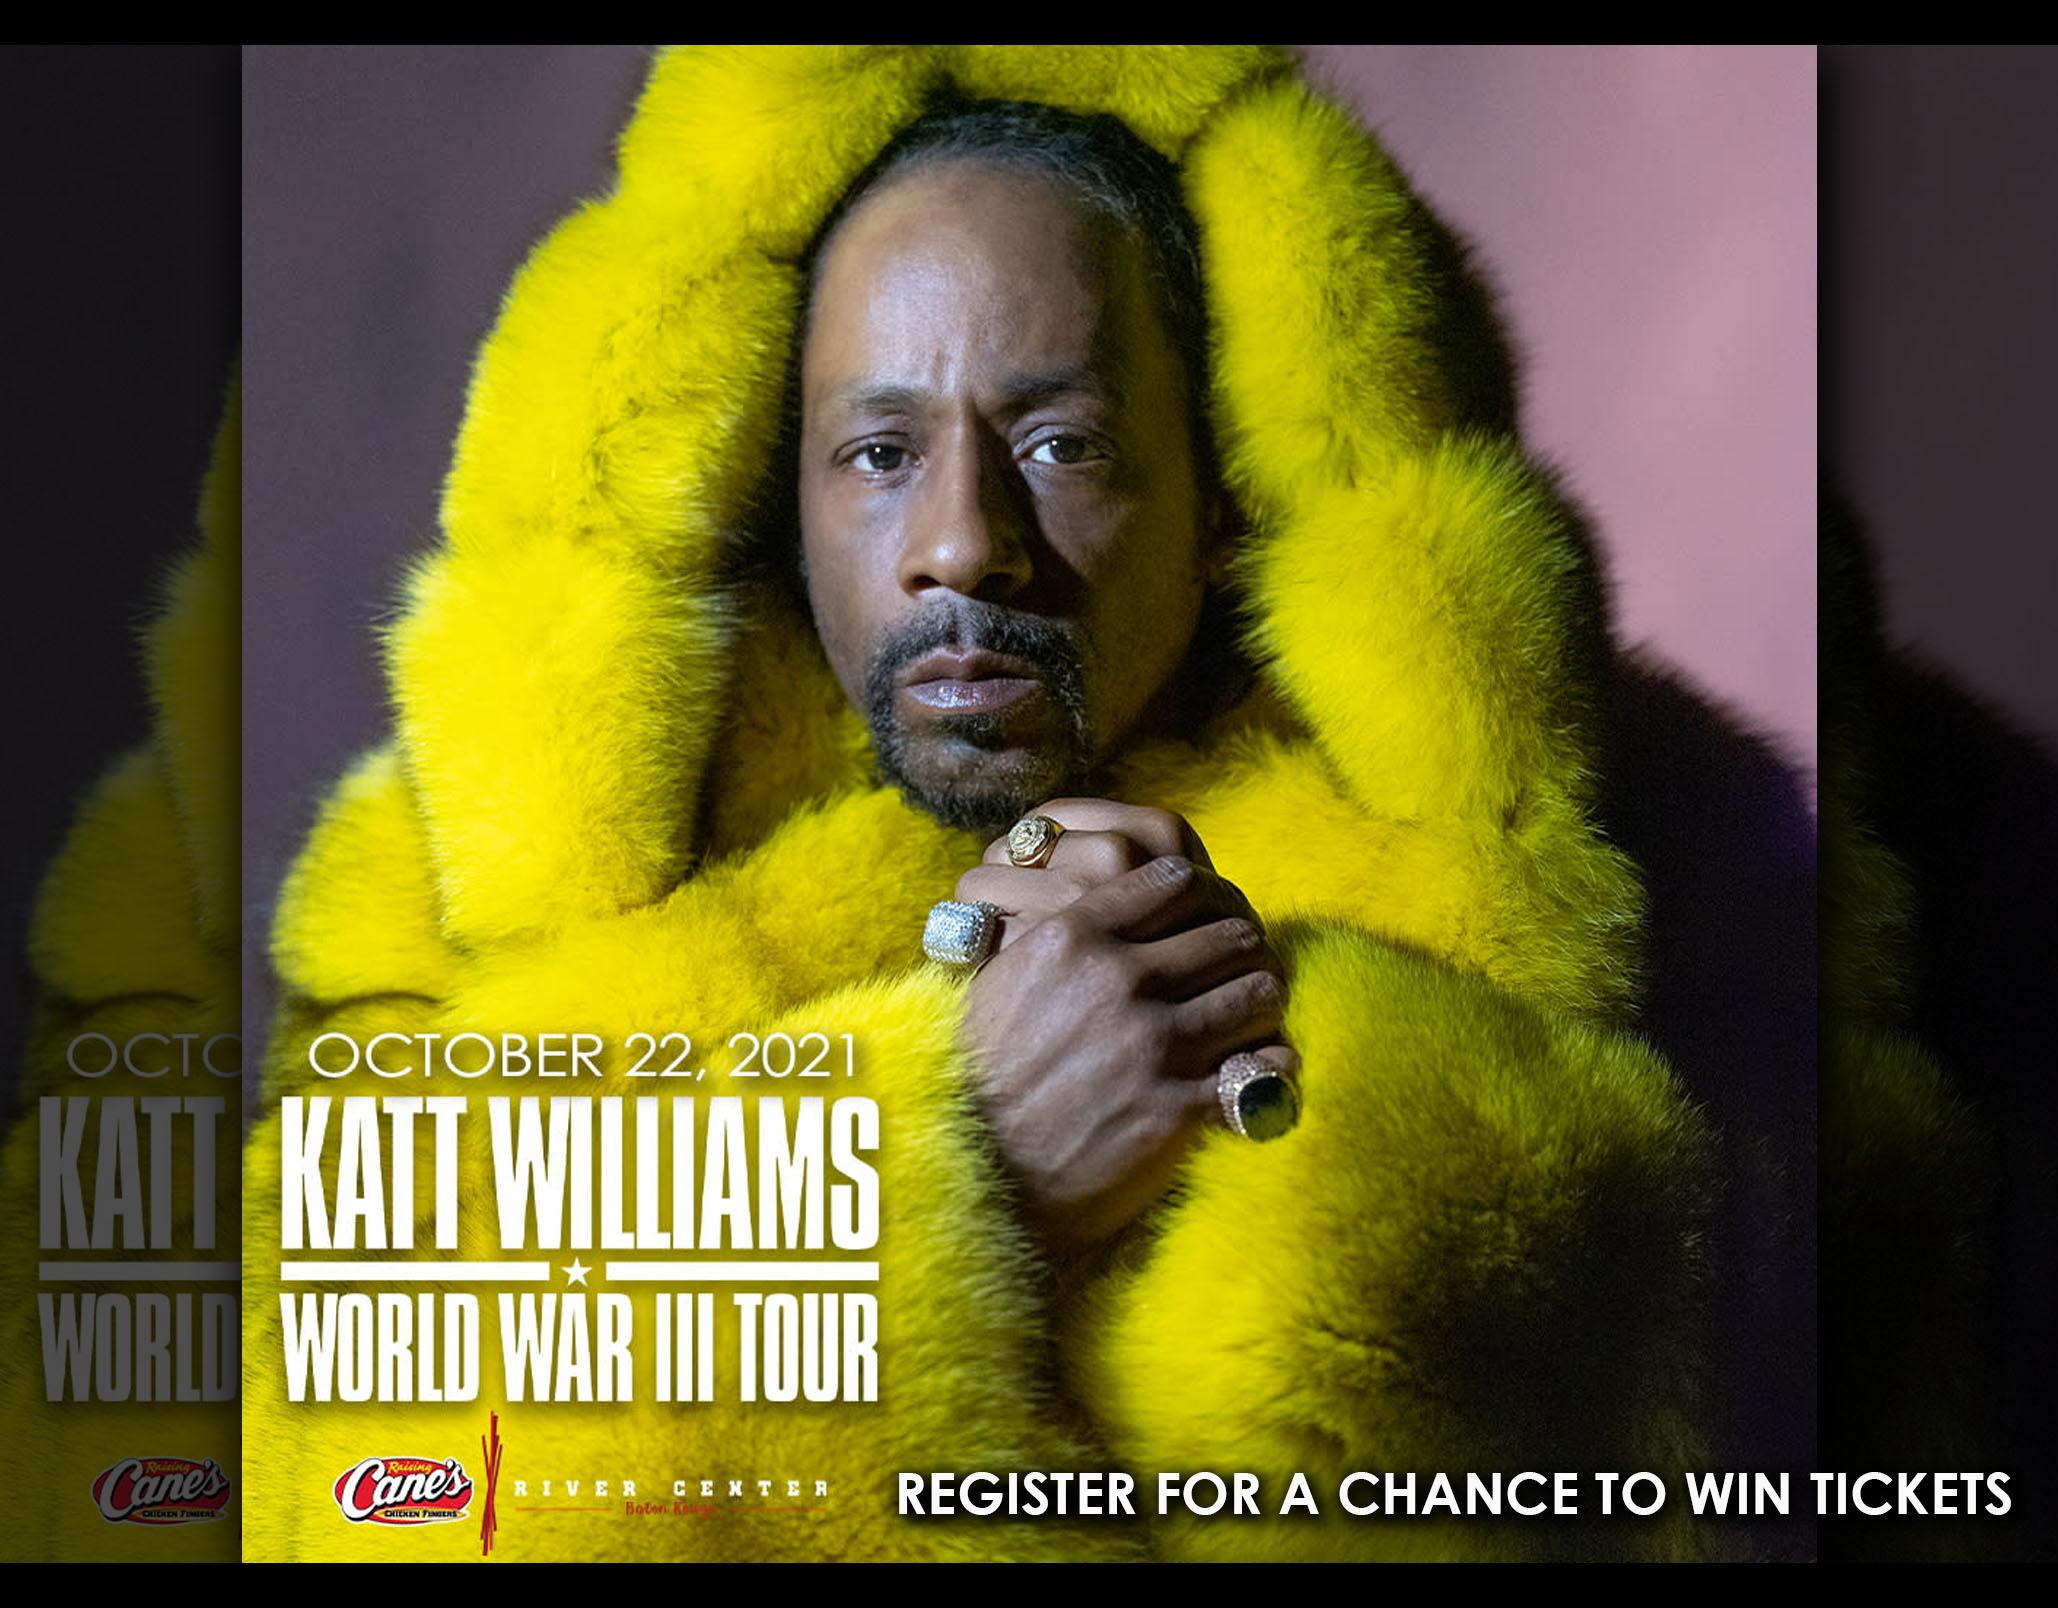 Katt Williams: World War III Tour